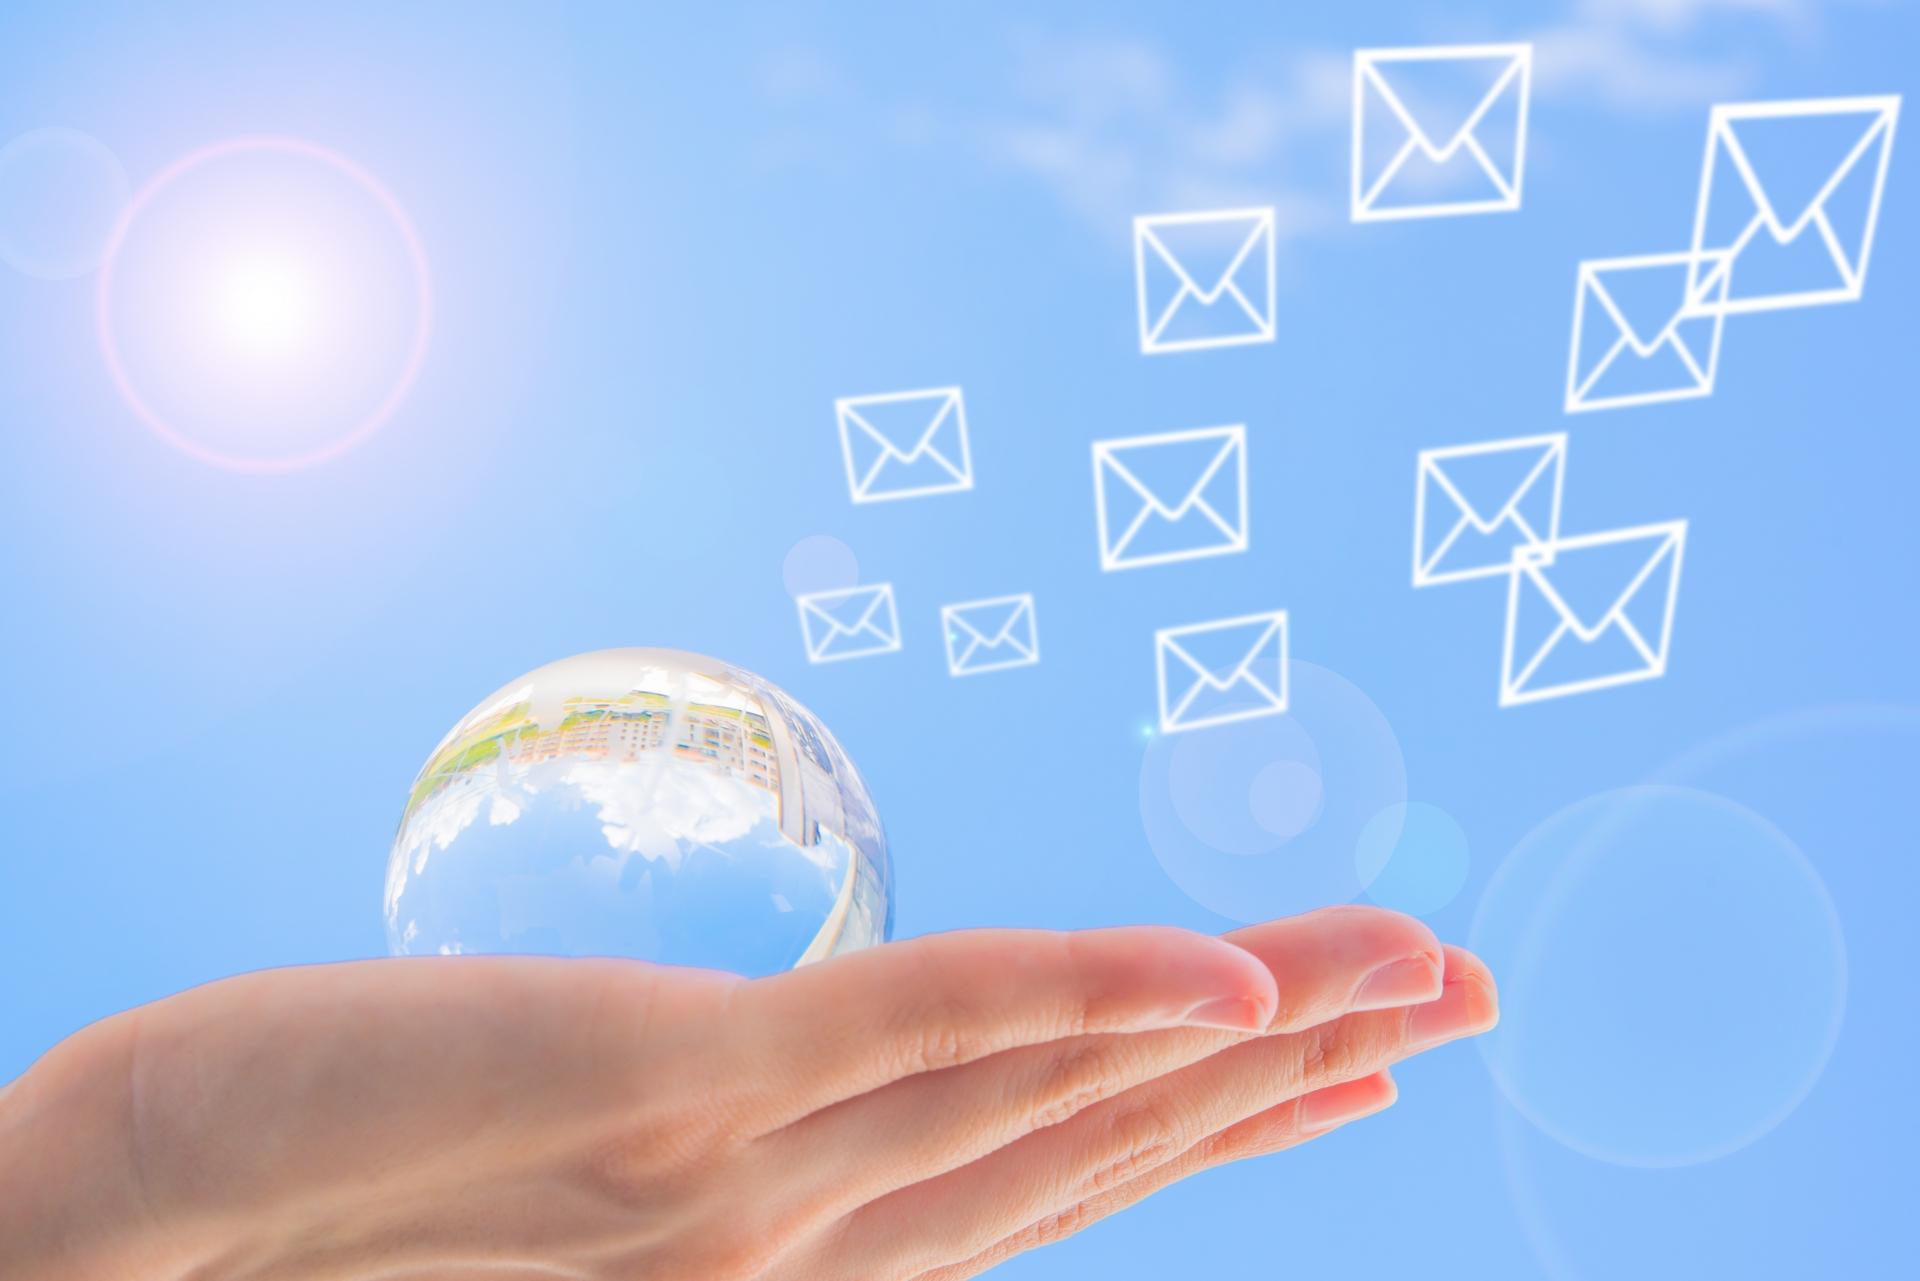 Microsoft365メールに適したメールアーカイブの構築について【スワットブレインズ社 寄稿】